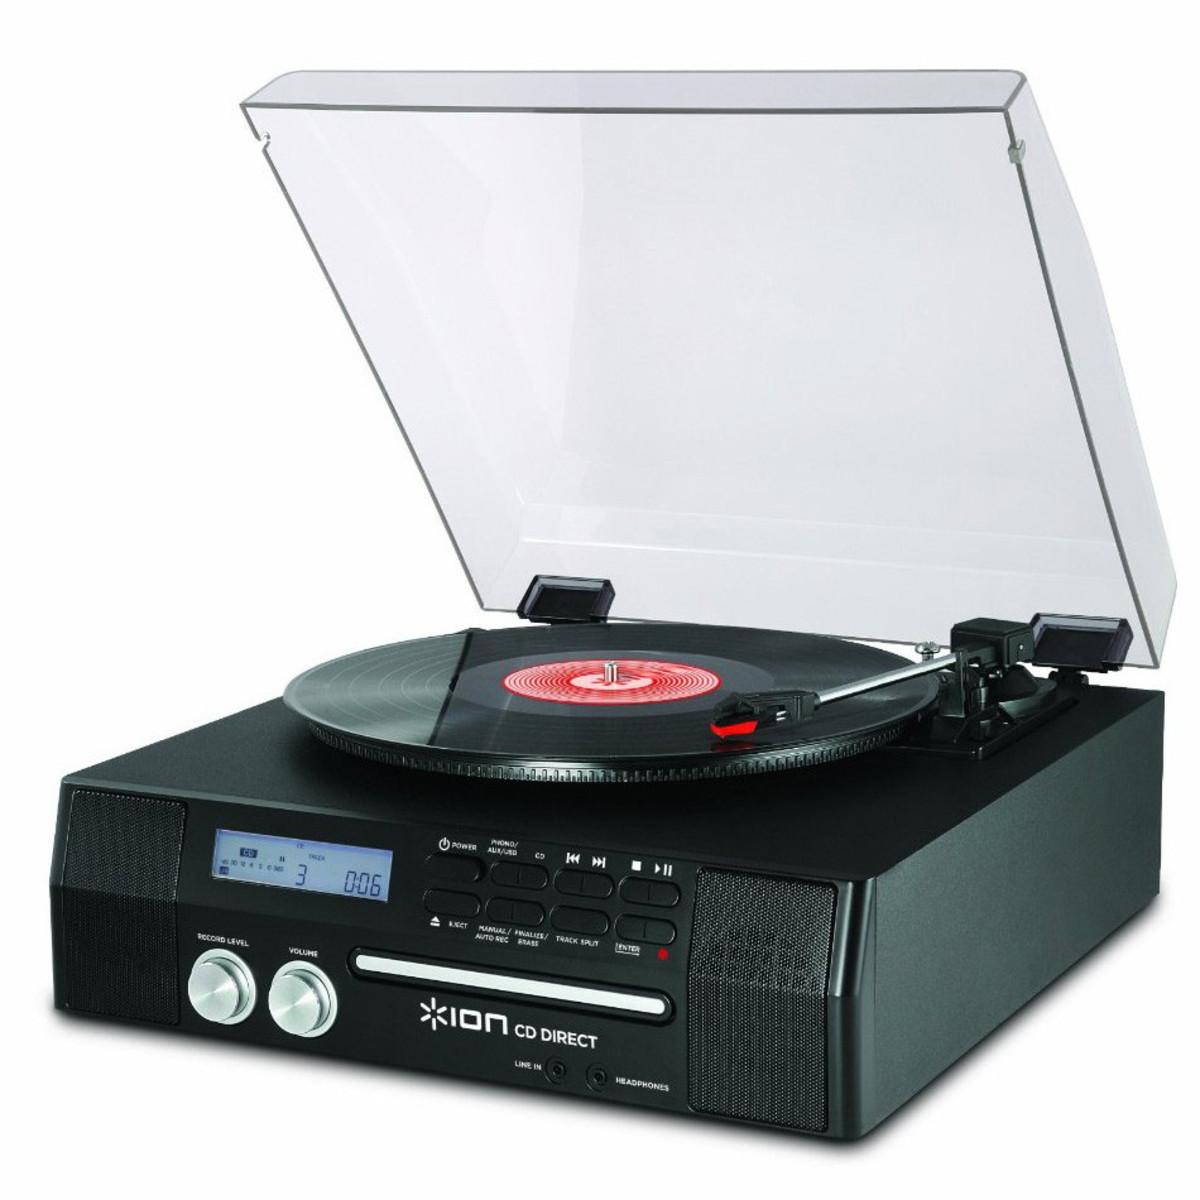 Platine avec graveur de cd int gr haut parleurs ion cd - Tourne disque avec haut parleur integre ...